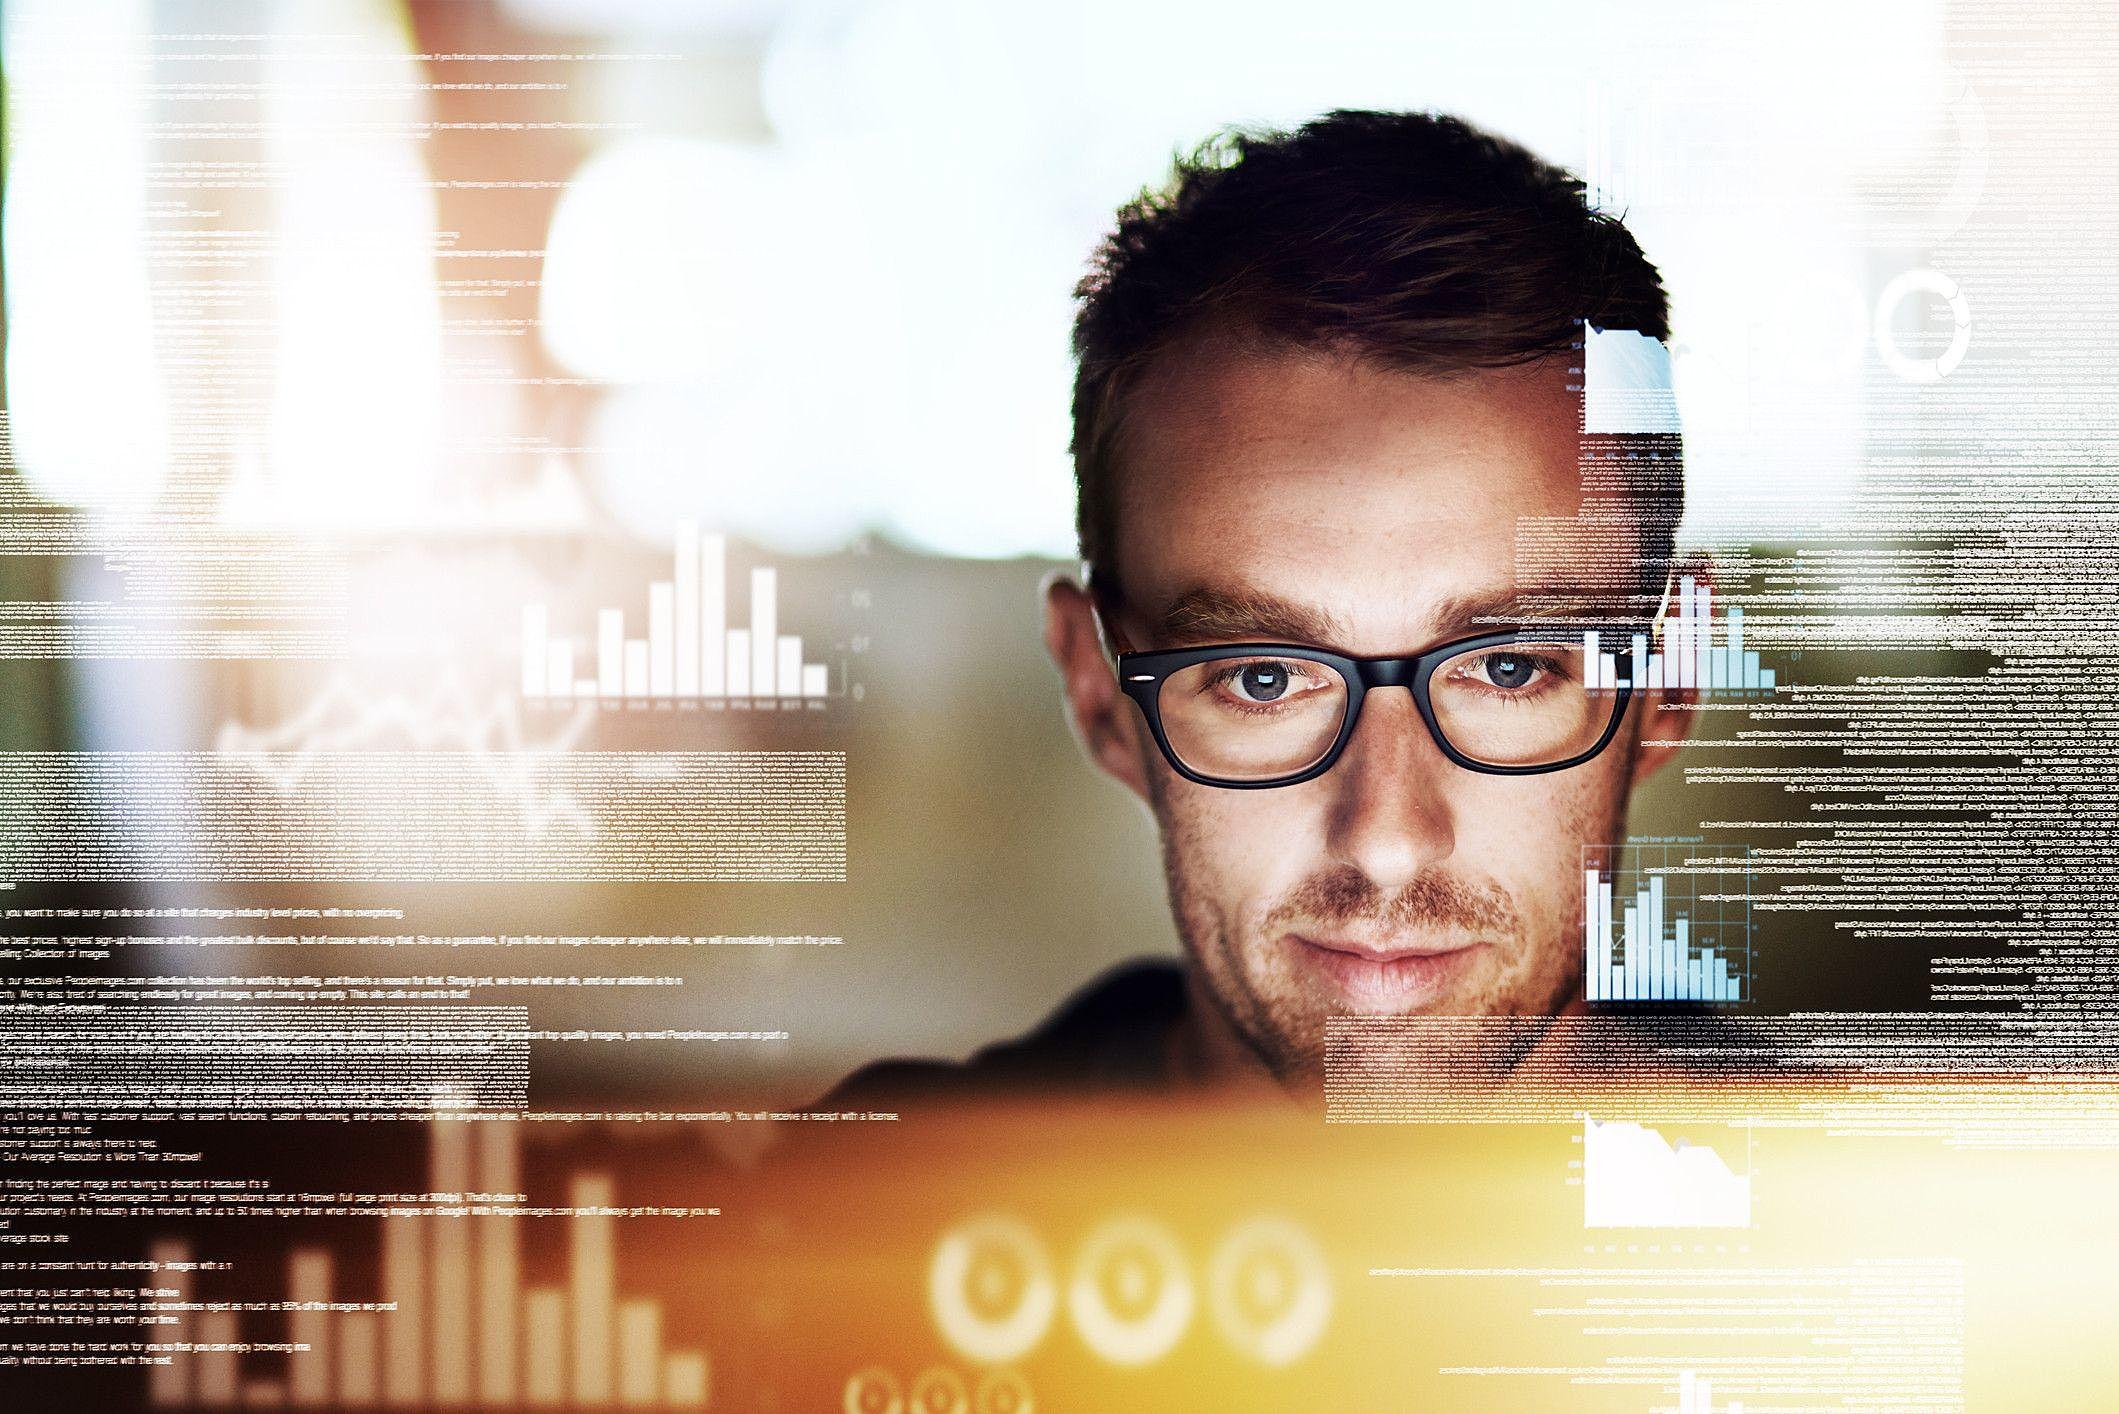 Armazenamento de dados: confira tudo o que você precisa saber